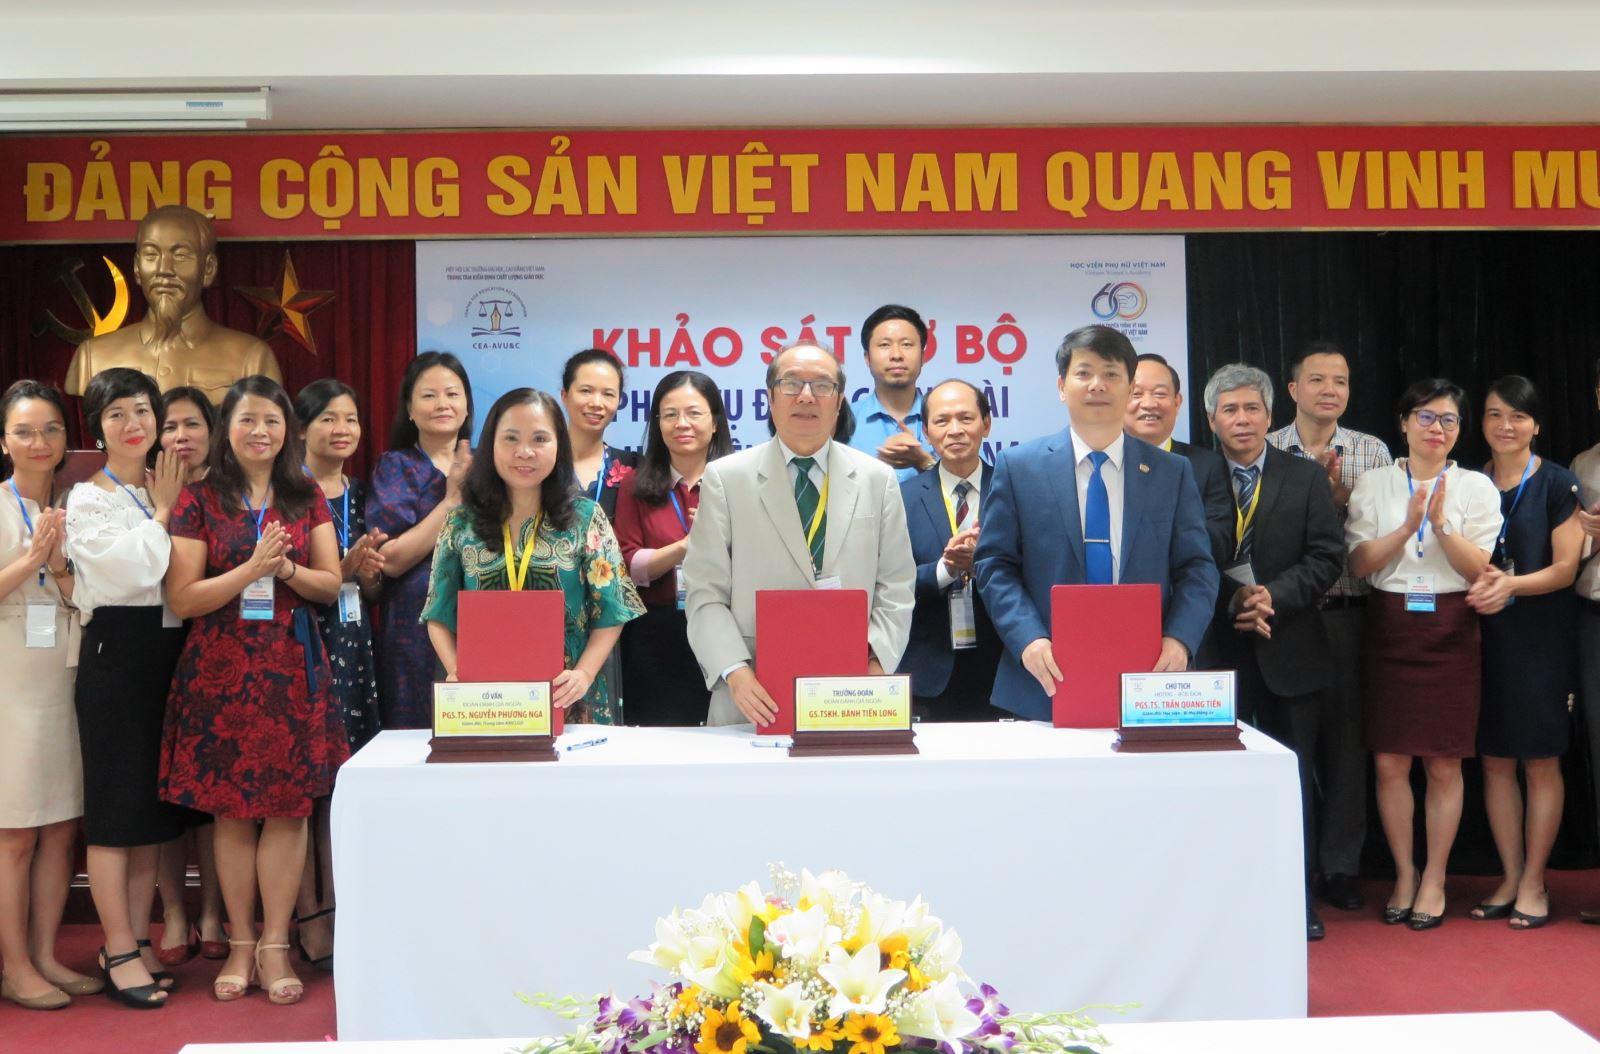 Trung tâm KĐCLGD Khảo sát sơ bộ phục vụ đánh giá ngoài CSGD Học viện Phụ nữ Việt Nam